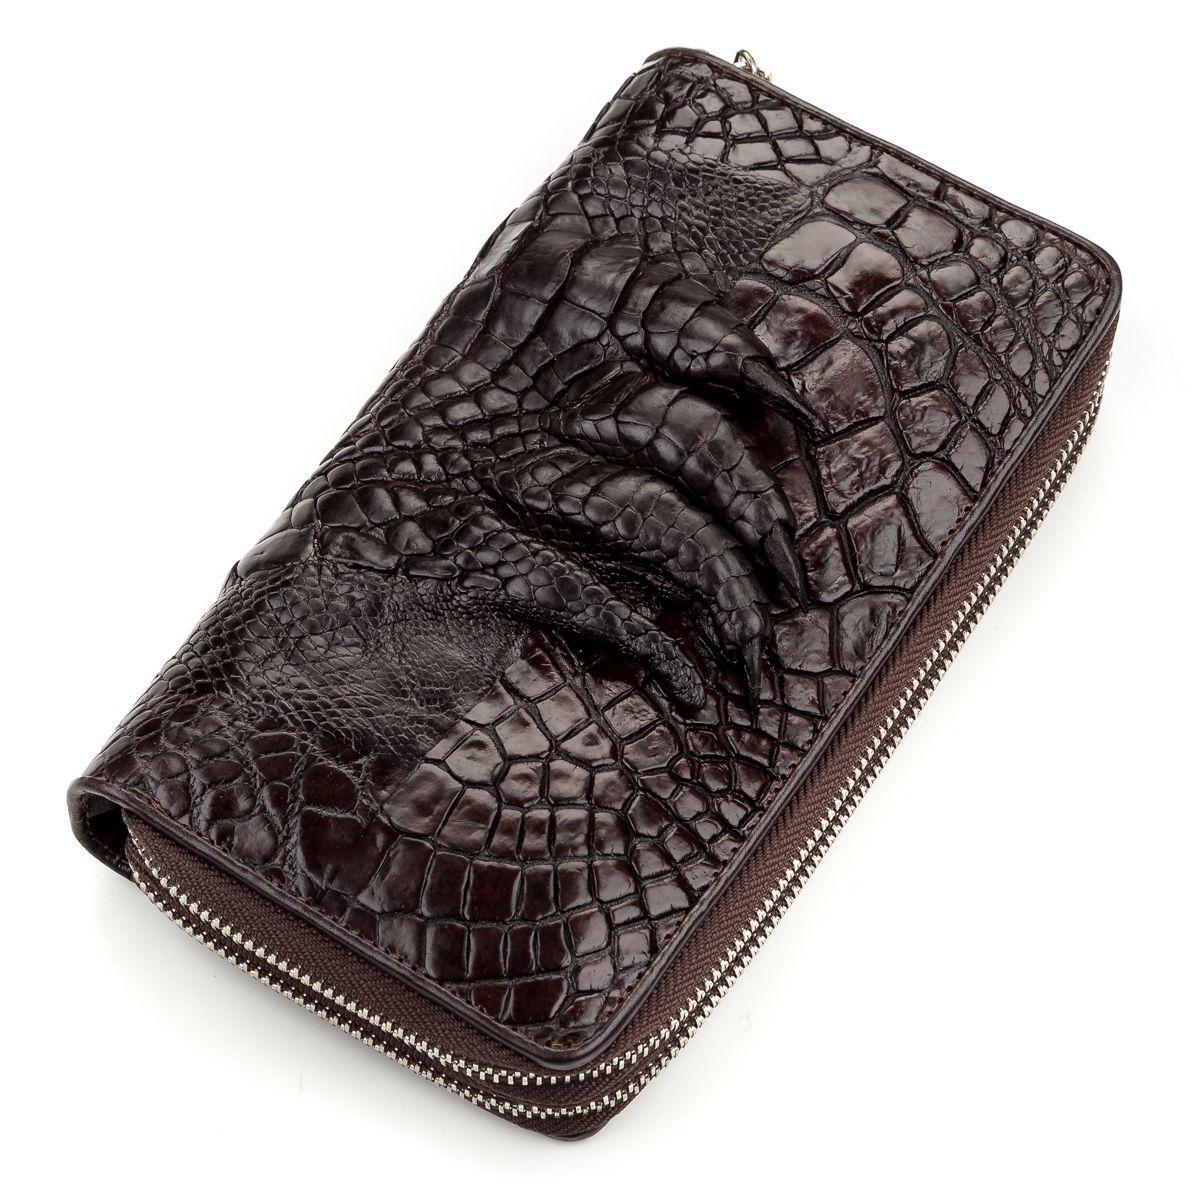 Кошелек-клатч Ekzotic Leather из натуральной кожи крокодила Коричневый   (cw 57)